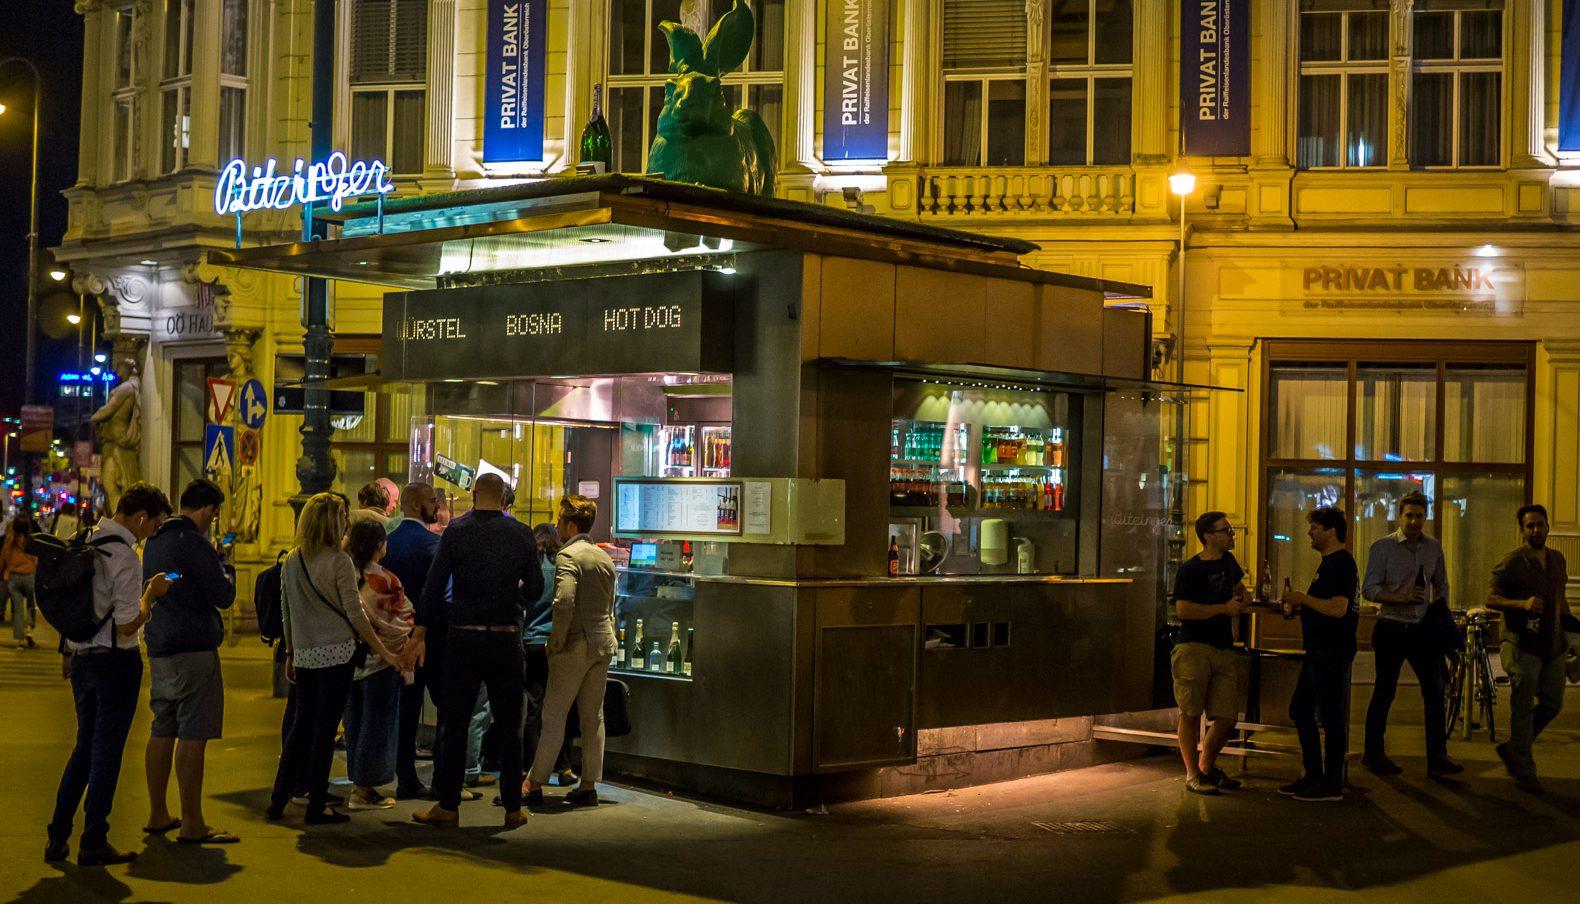 Wurstel stand in Vienna